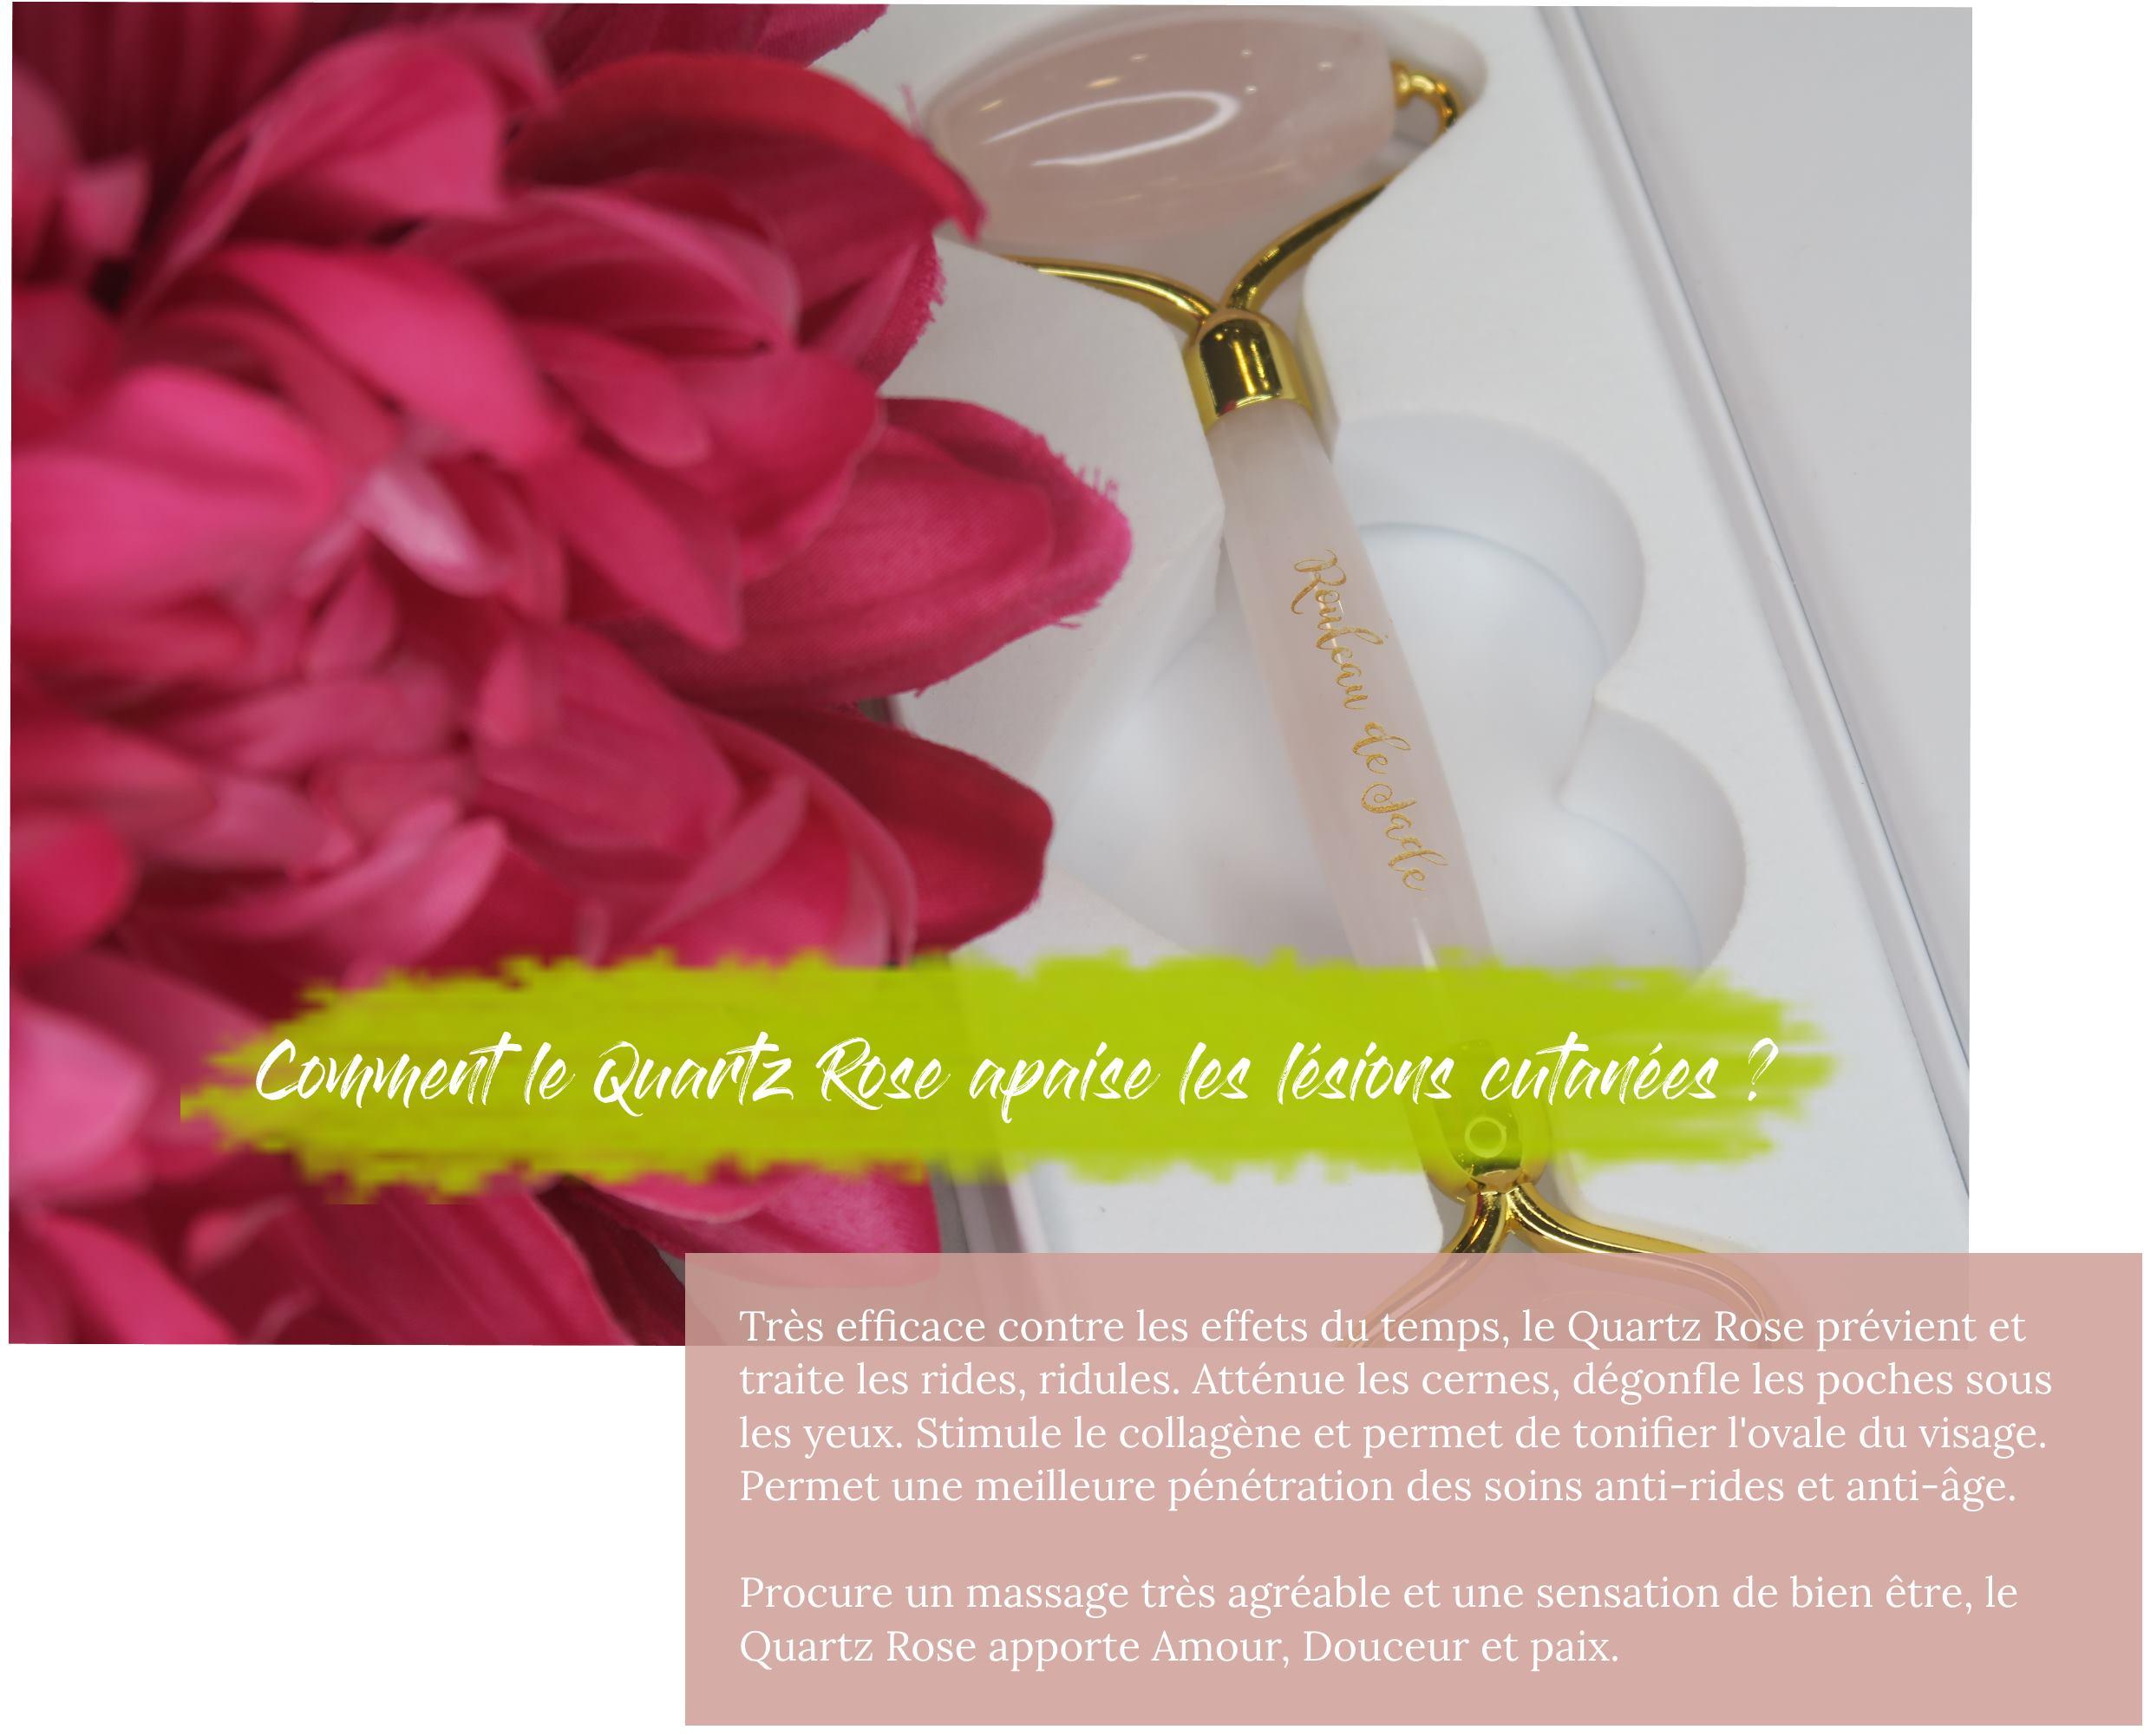 Comment le Quartz Rose apaise les lésions cutanées ?